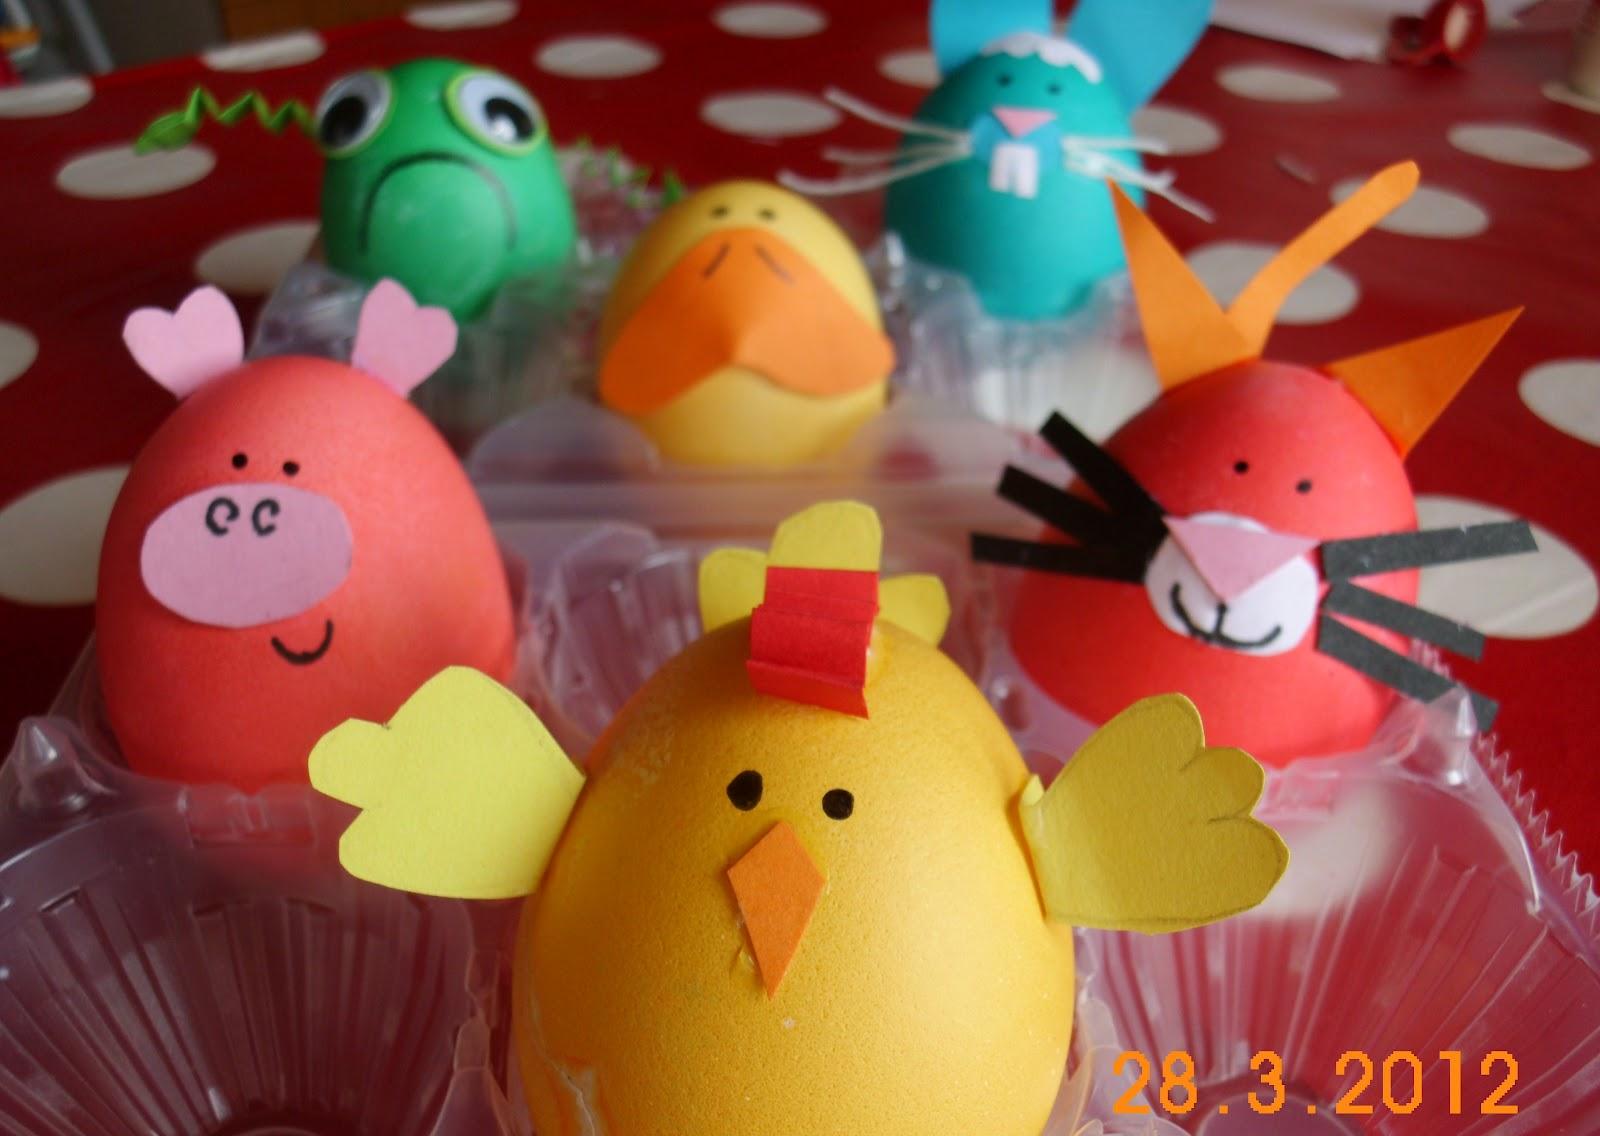 I piccoli chef uova sode decorate - Uova decorate per bambini ...